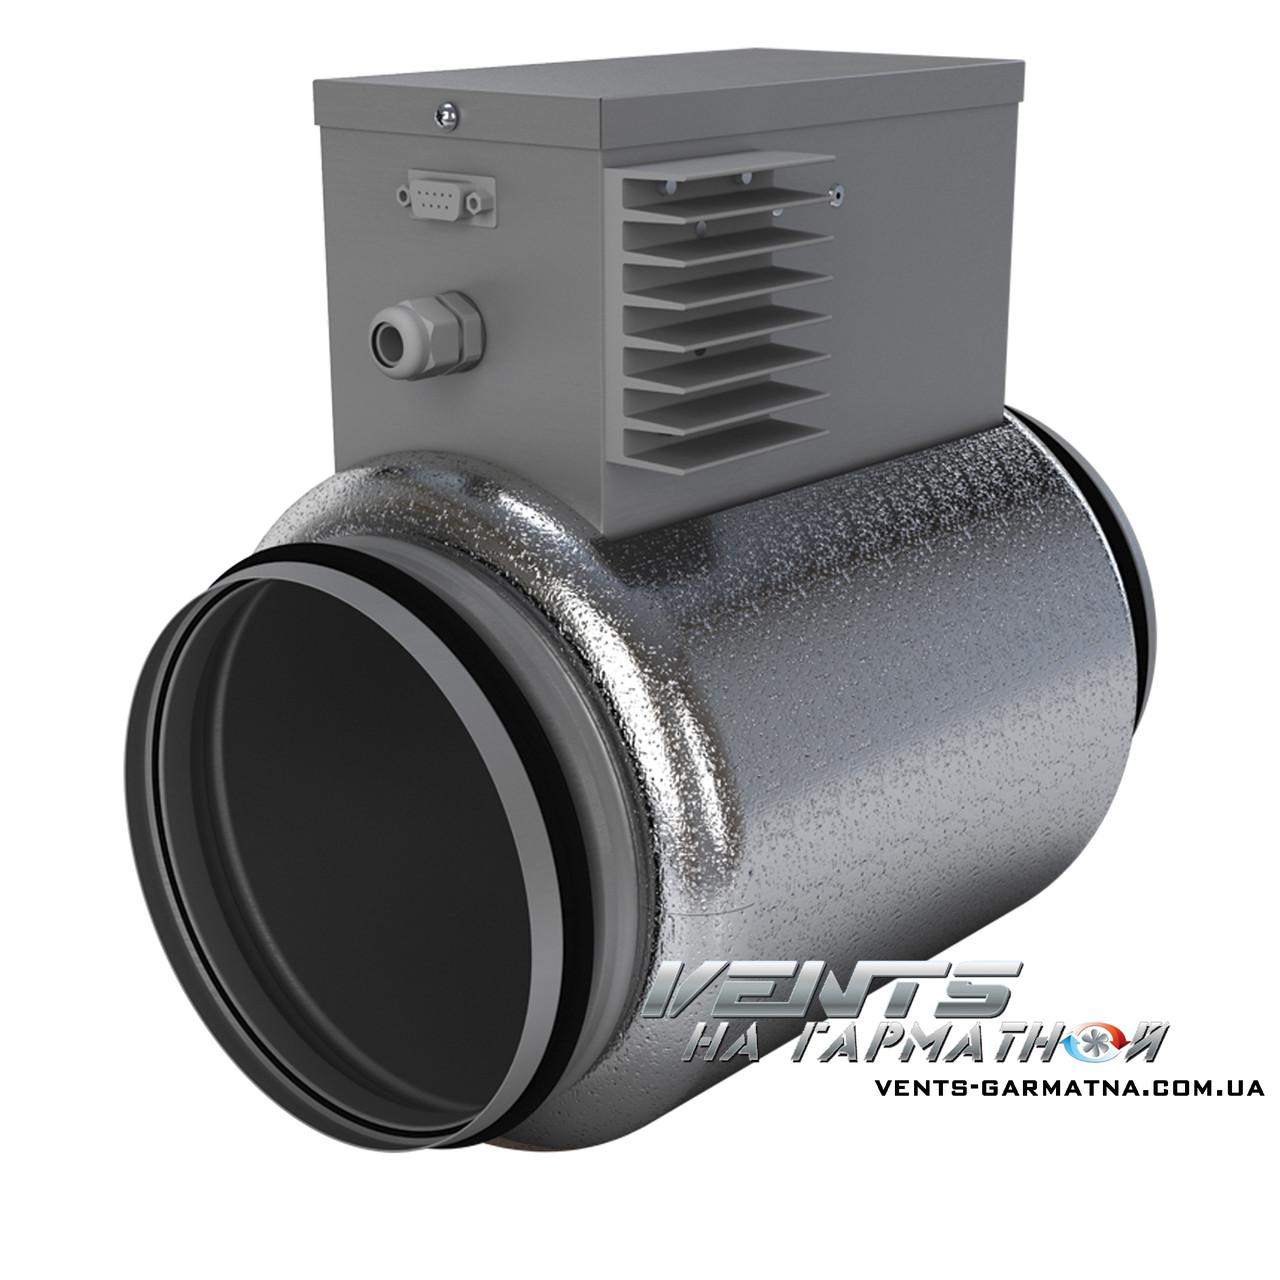 Вентс НКП 150-1,2-1. Нагреватель для защиты рекуператора от обмерзания